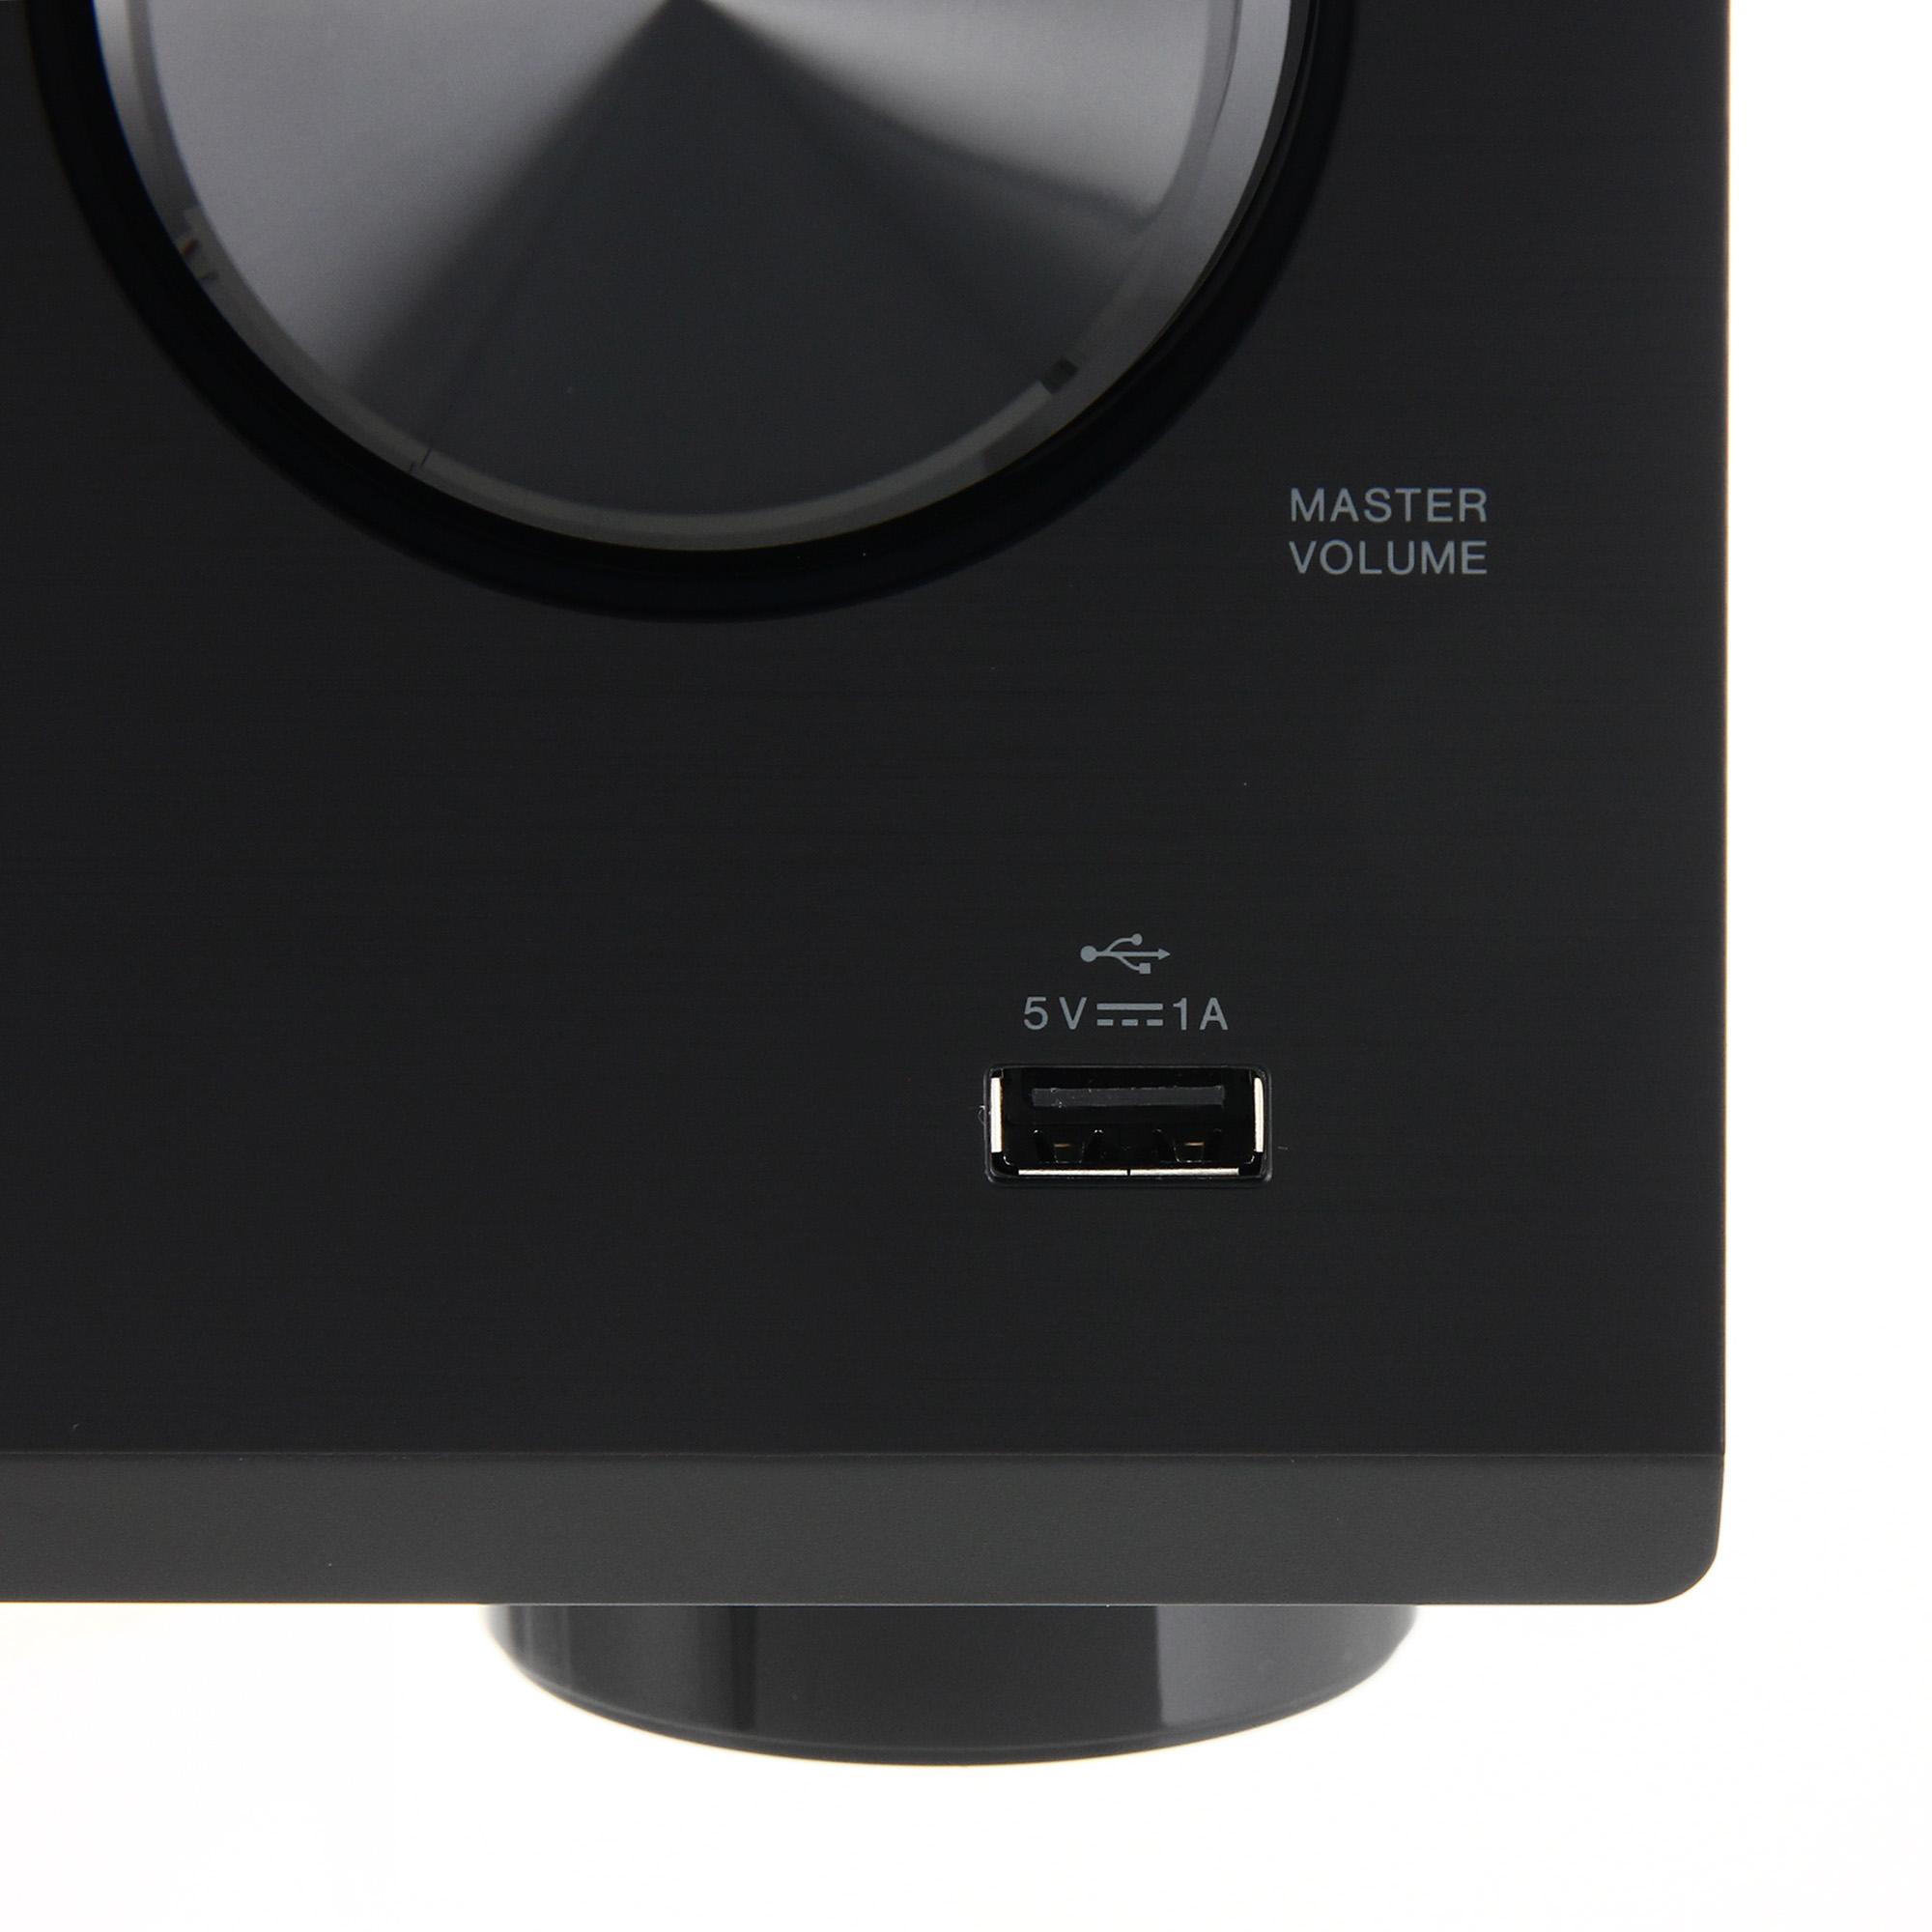 Купить Набор для домашнего кинотеатра Attitude Echo 5.0 + VSX-329-K недорого